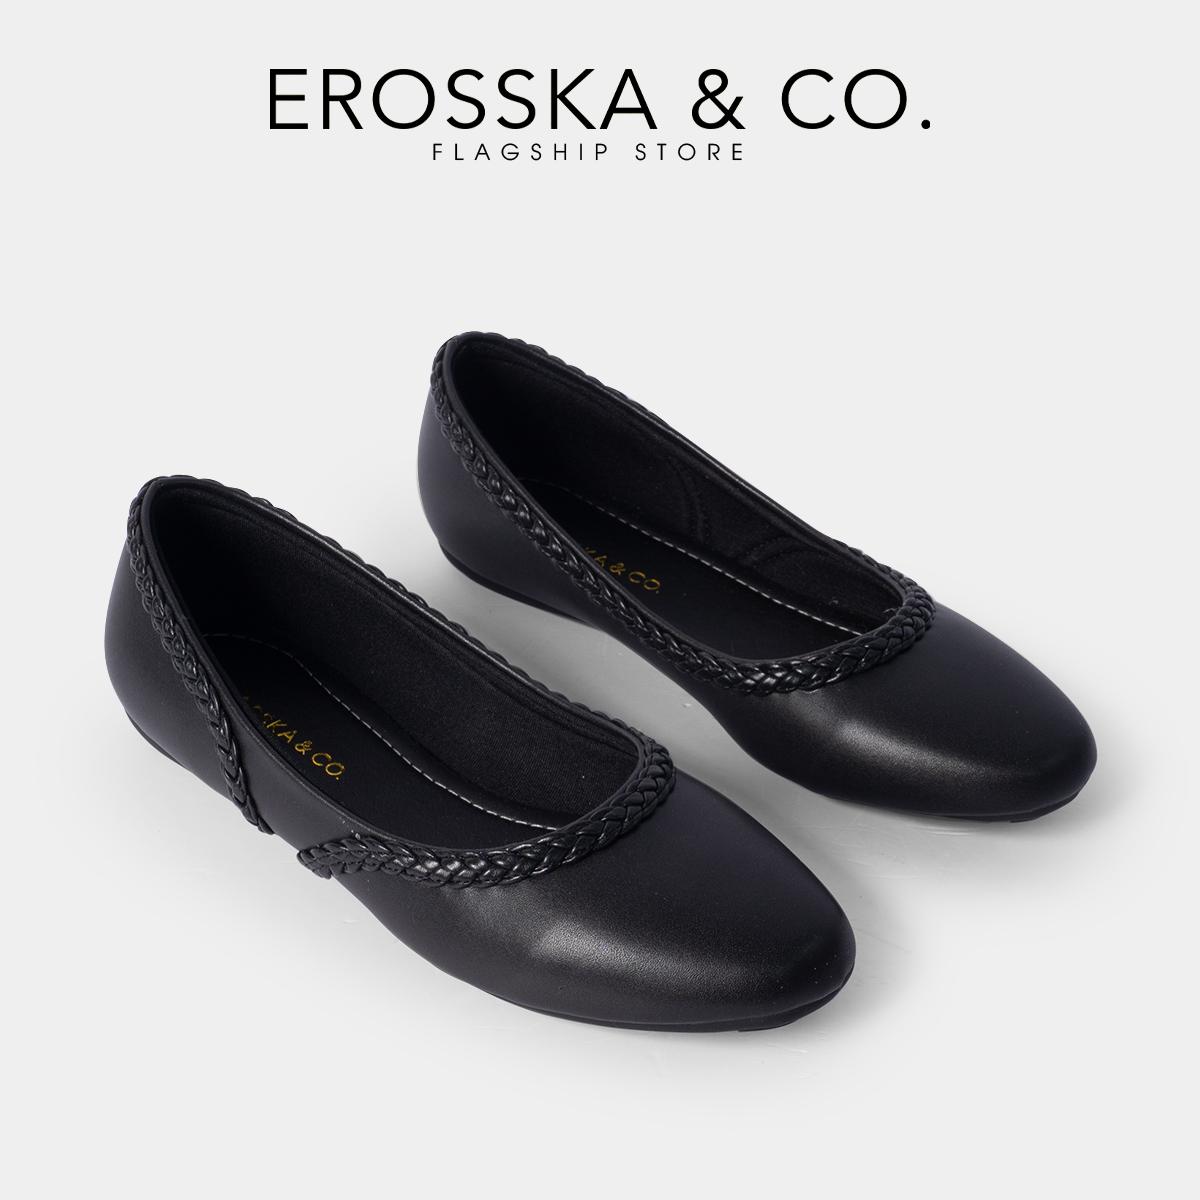 Giày búp bê Erosska thời trang mũi vuông phối dây đan chéo phong cách trẻ trung _ EF009